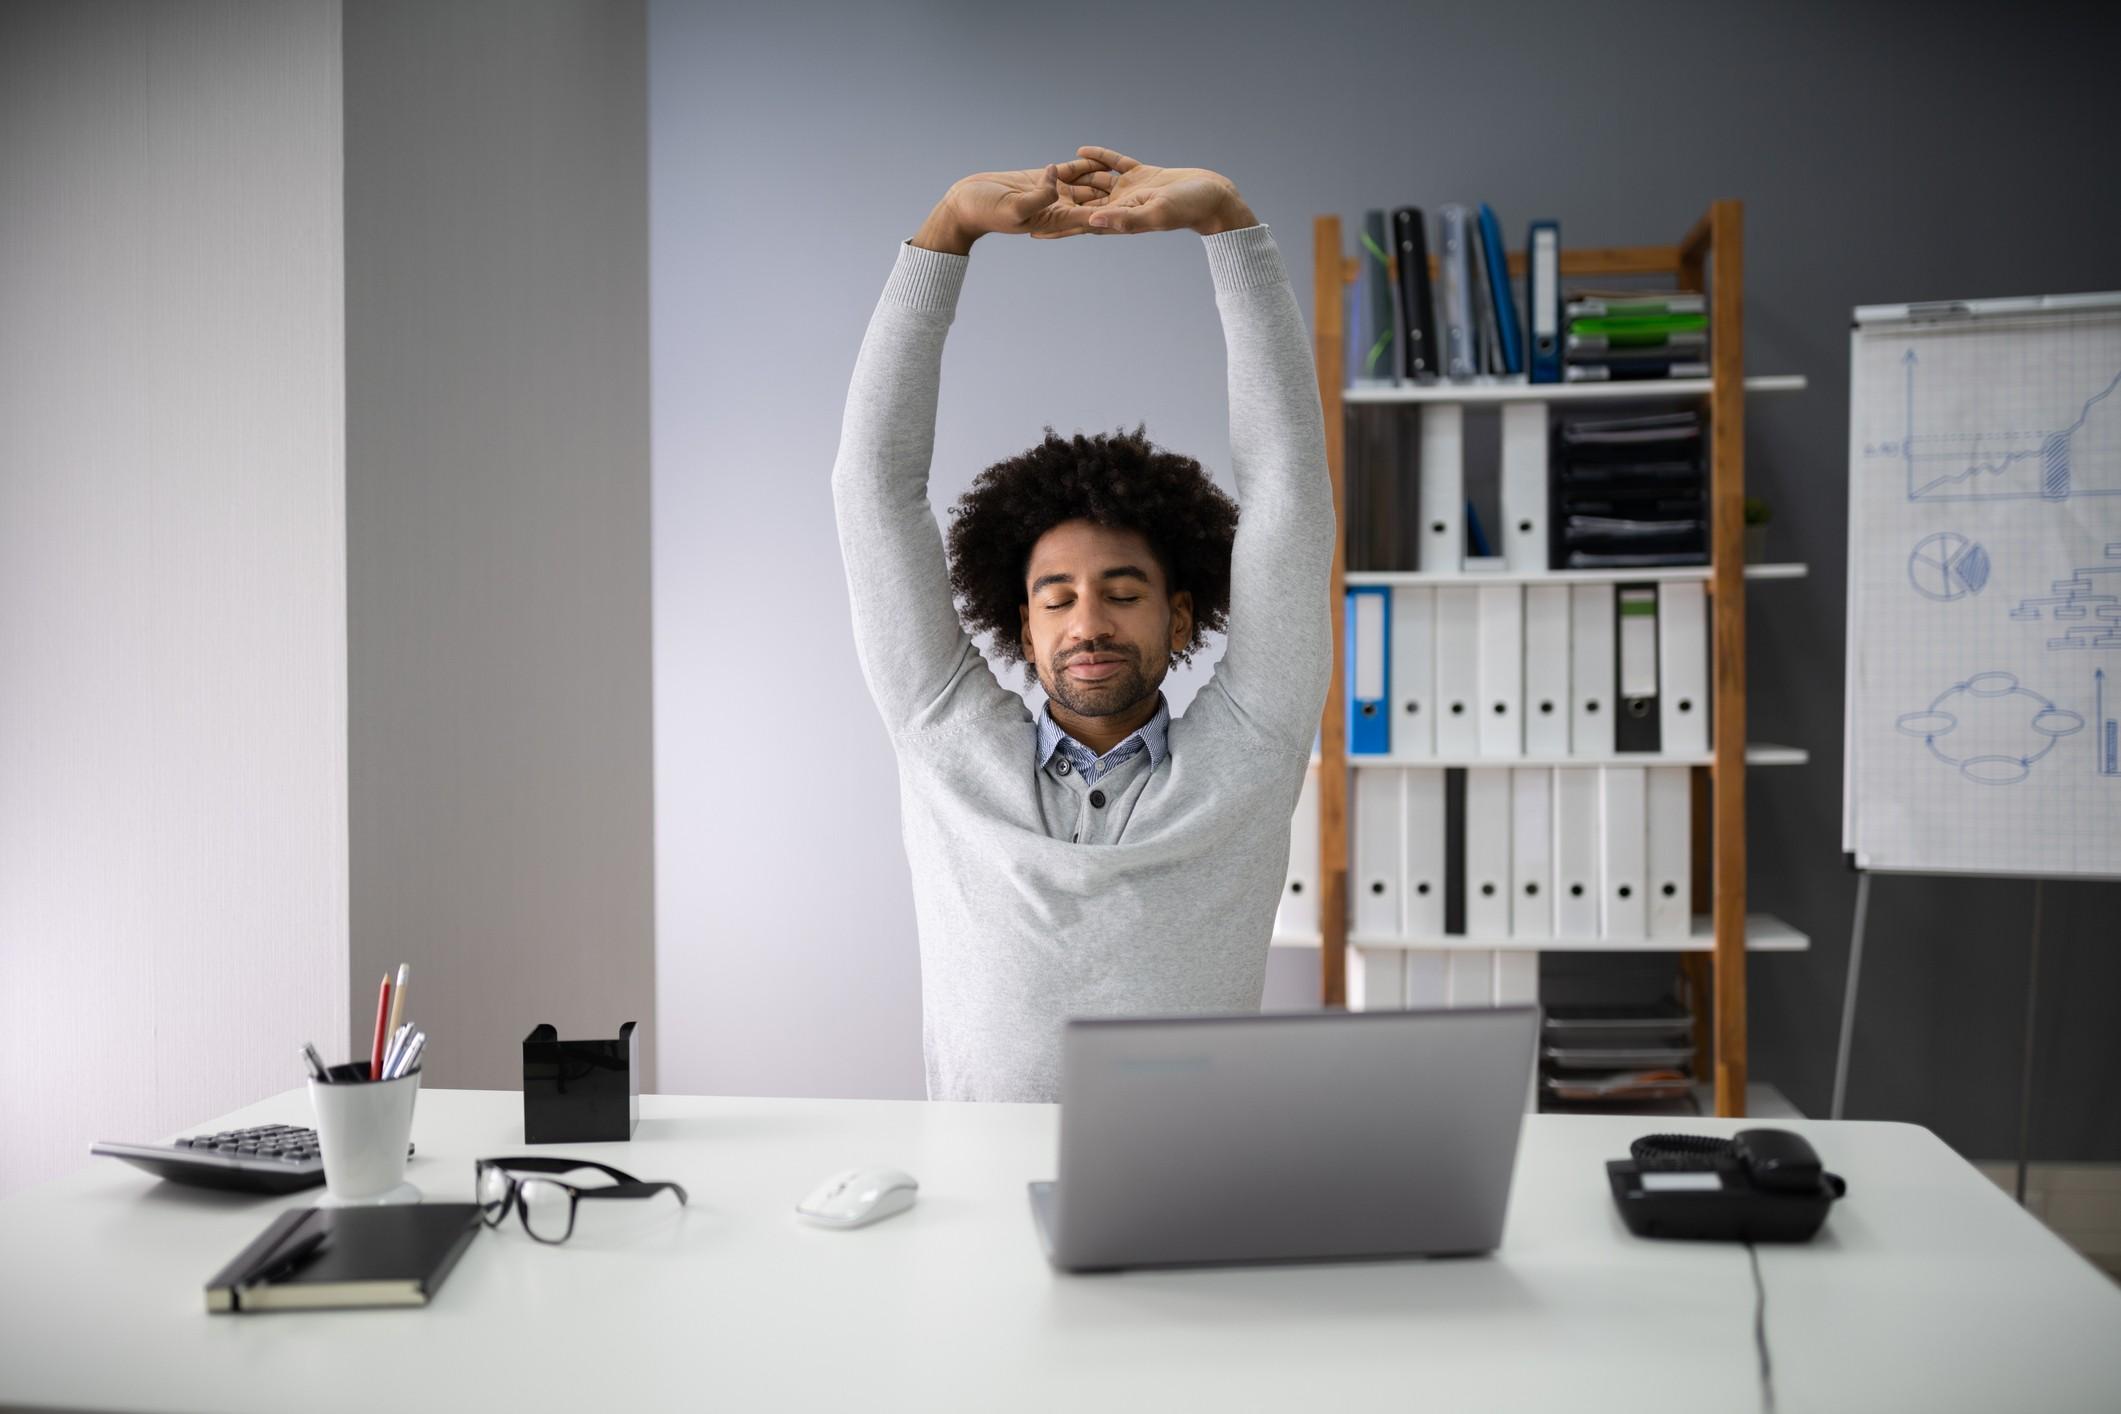 Desafio #BemViverEmMinas: O que você faz para relaxar a mente nos intervalos do trabalho?